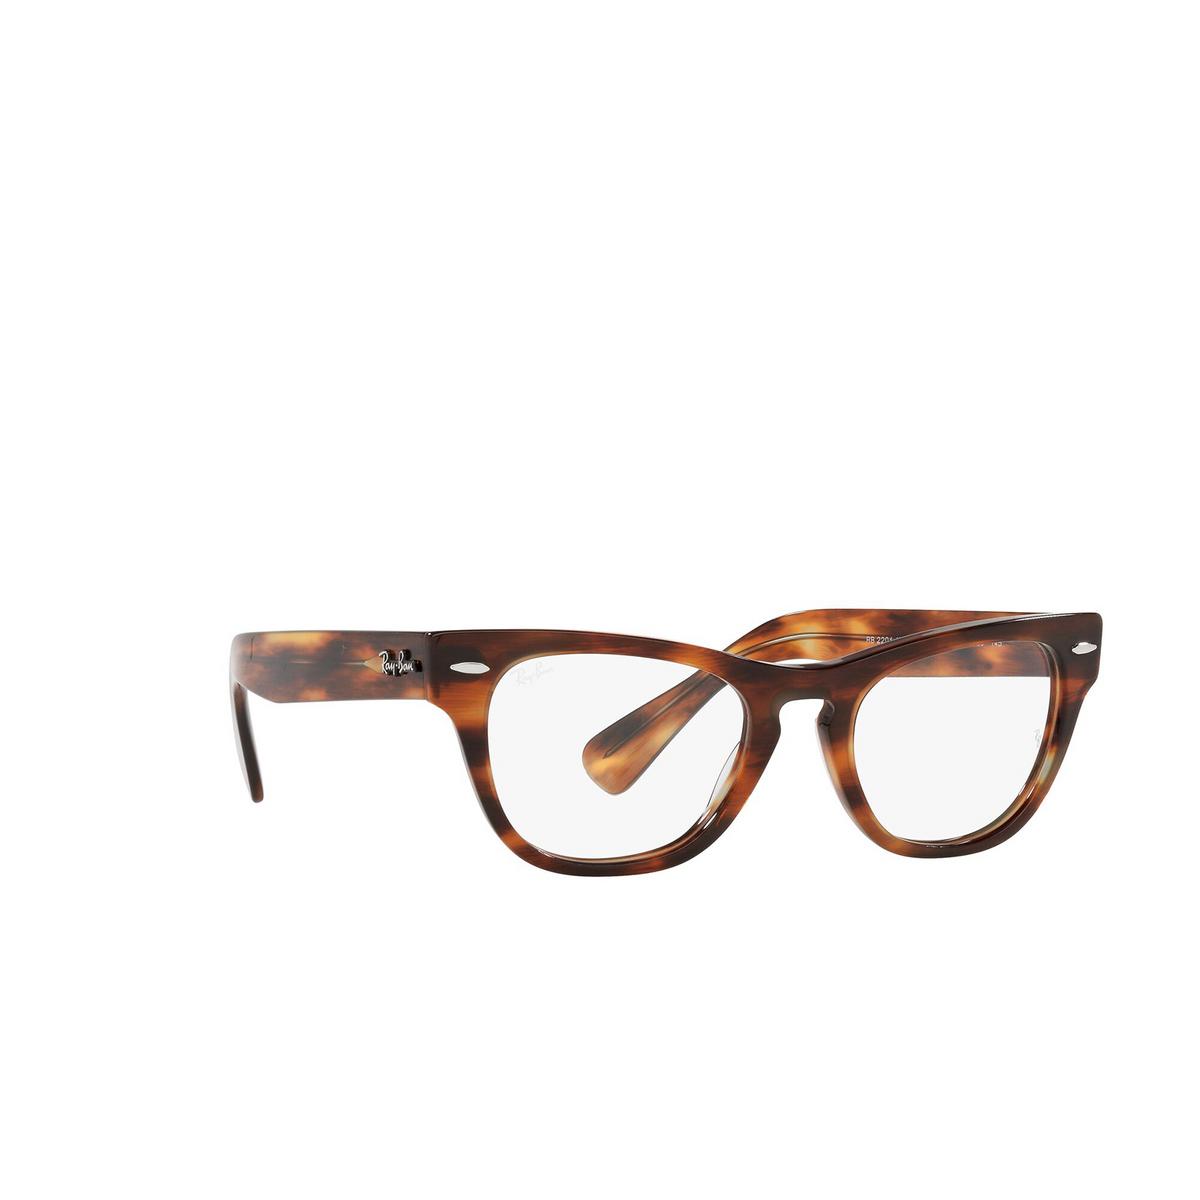 Ray-Ban® Cat-eye Eyeglasses: Laramie RX2201V color Striped Havana 2144 - three-quarters view.